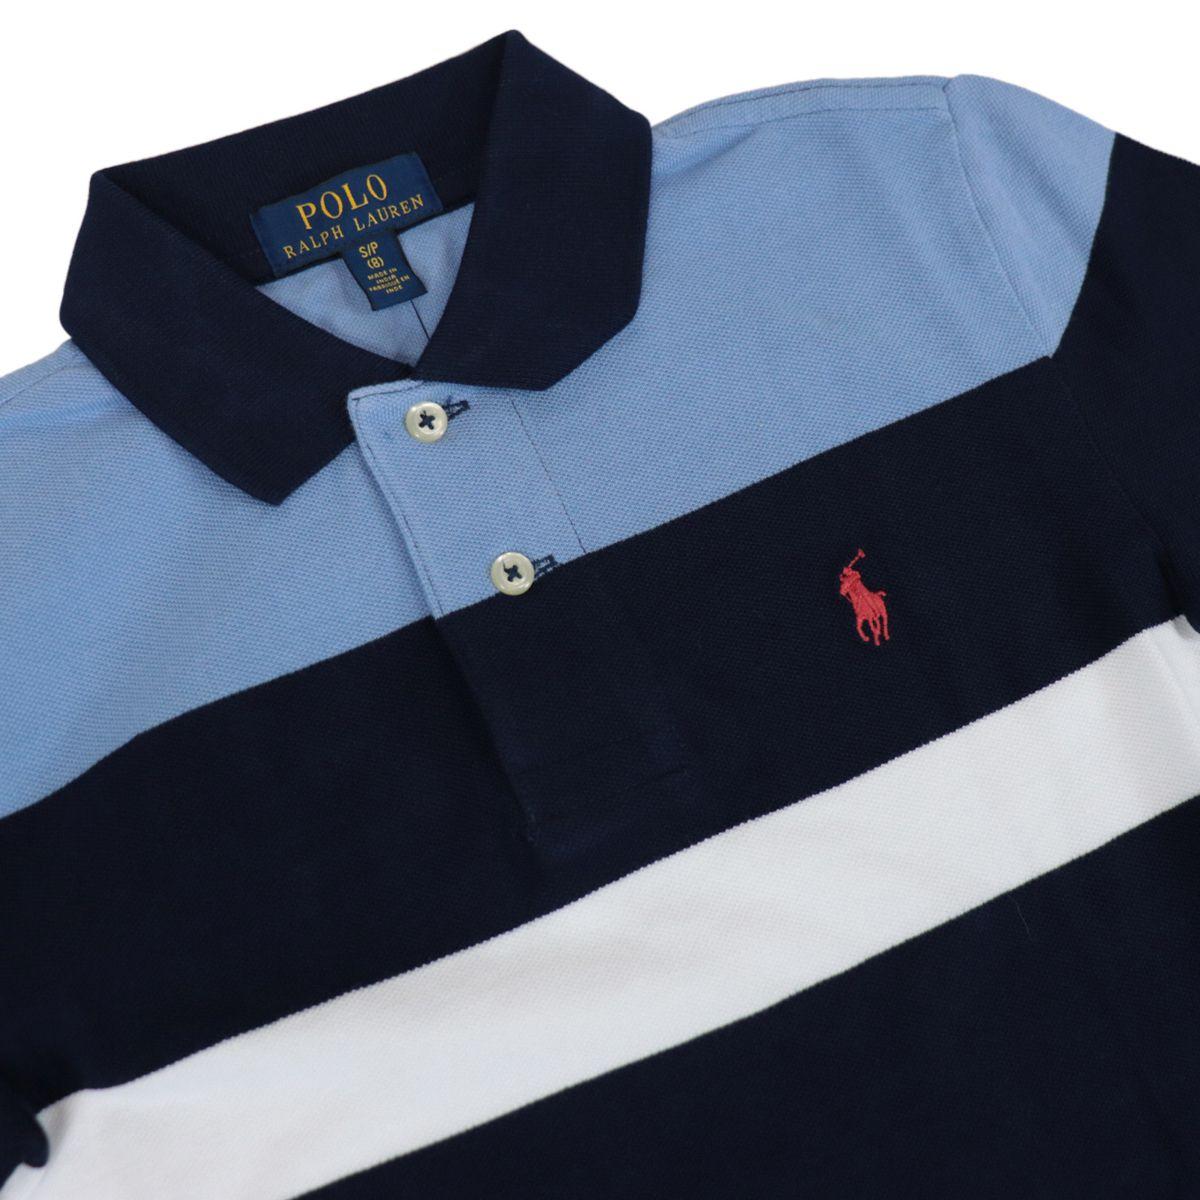 Multicolor striped cotton polo shirt with logo Navy Polo Ralph Lauren